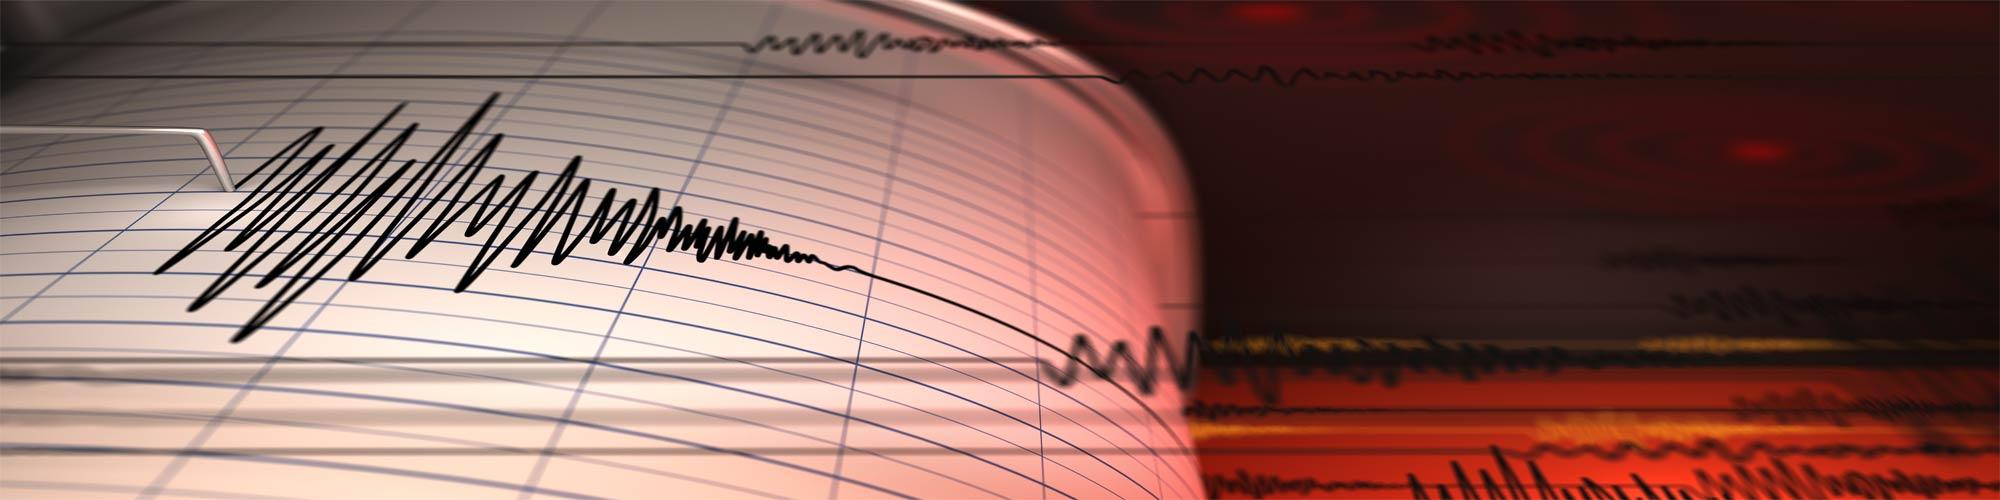 Valorisation des filières du son par l'économie